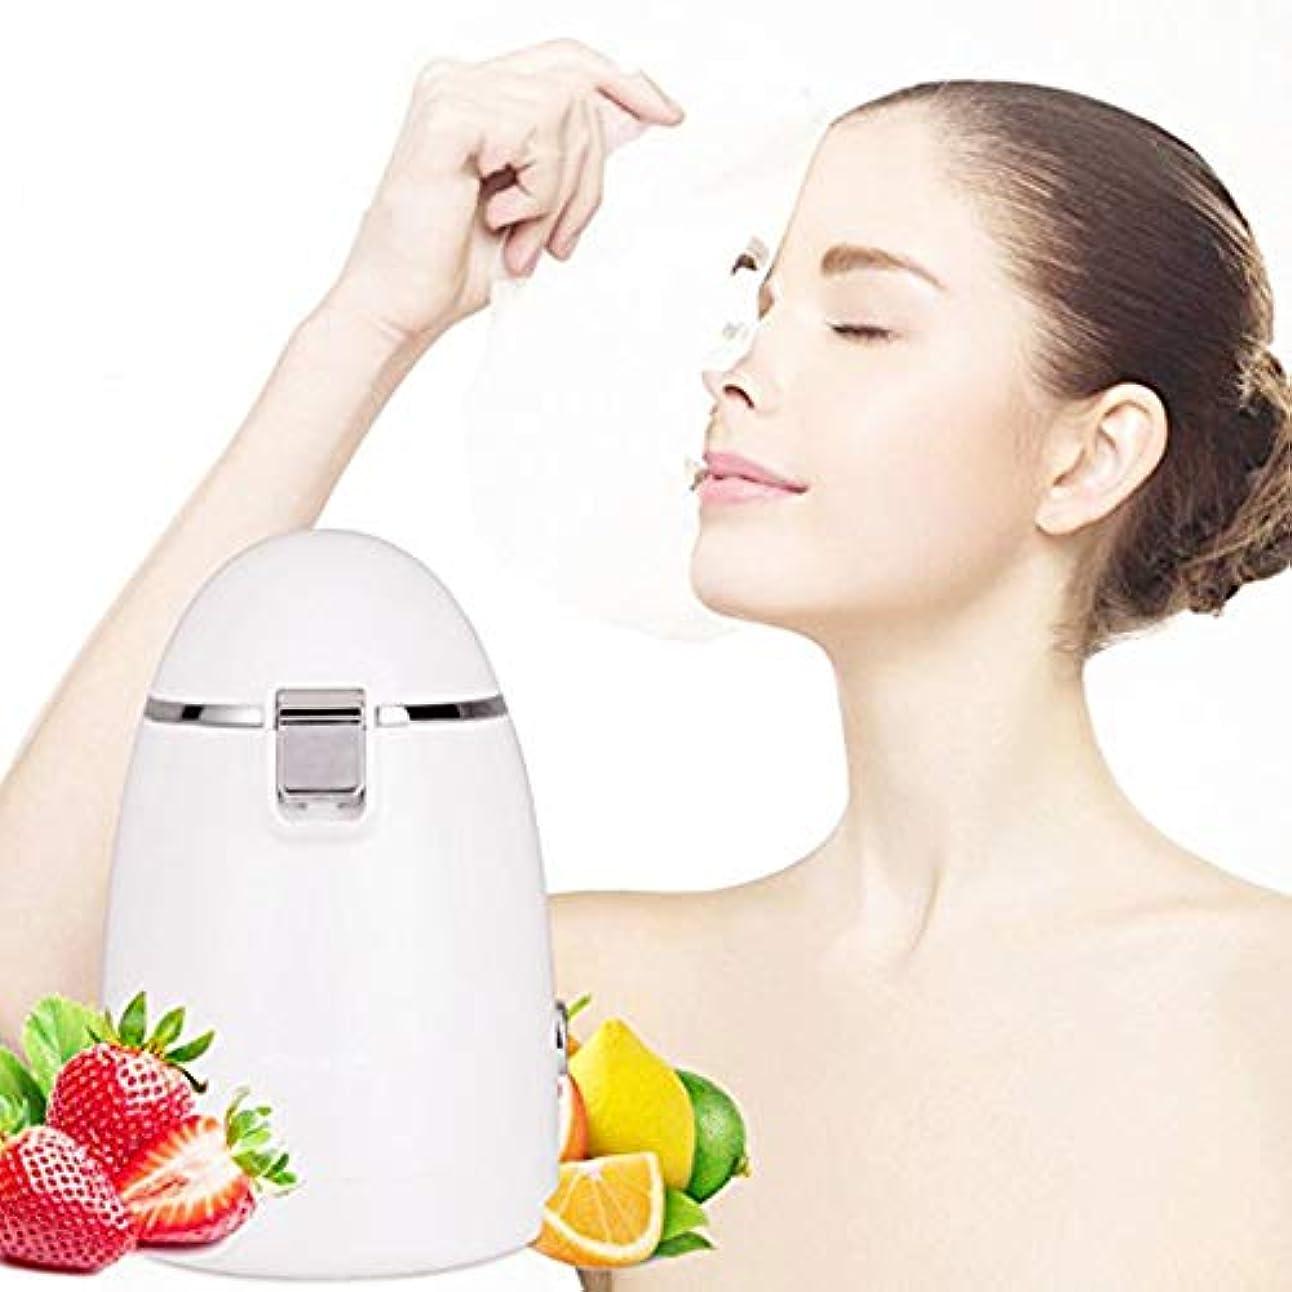 用量管理する滅多マスクマシン、自家製家庭用マスクマシン自動多機能攪拌加熱果物と野菜 DIY マスクフルーツマスク